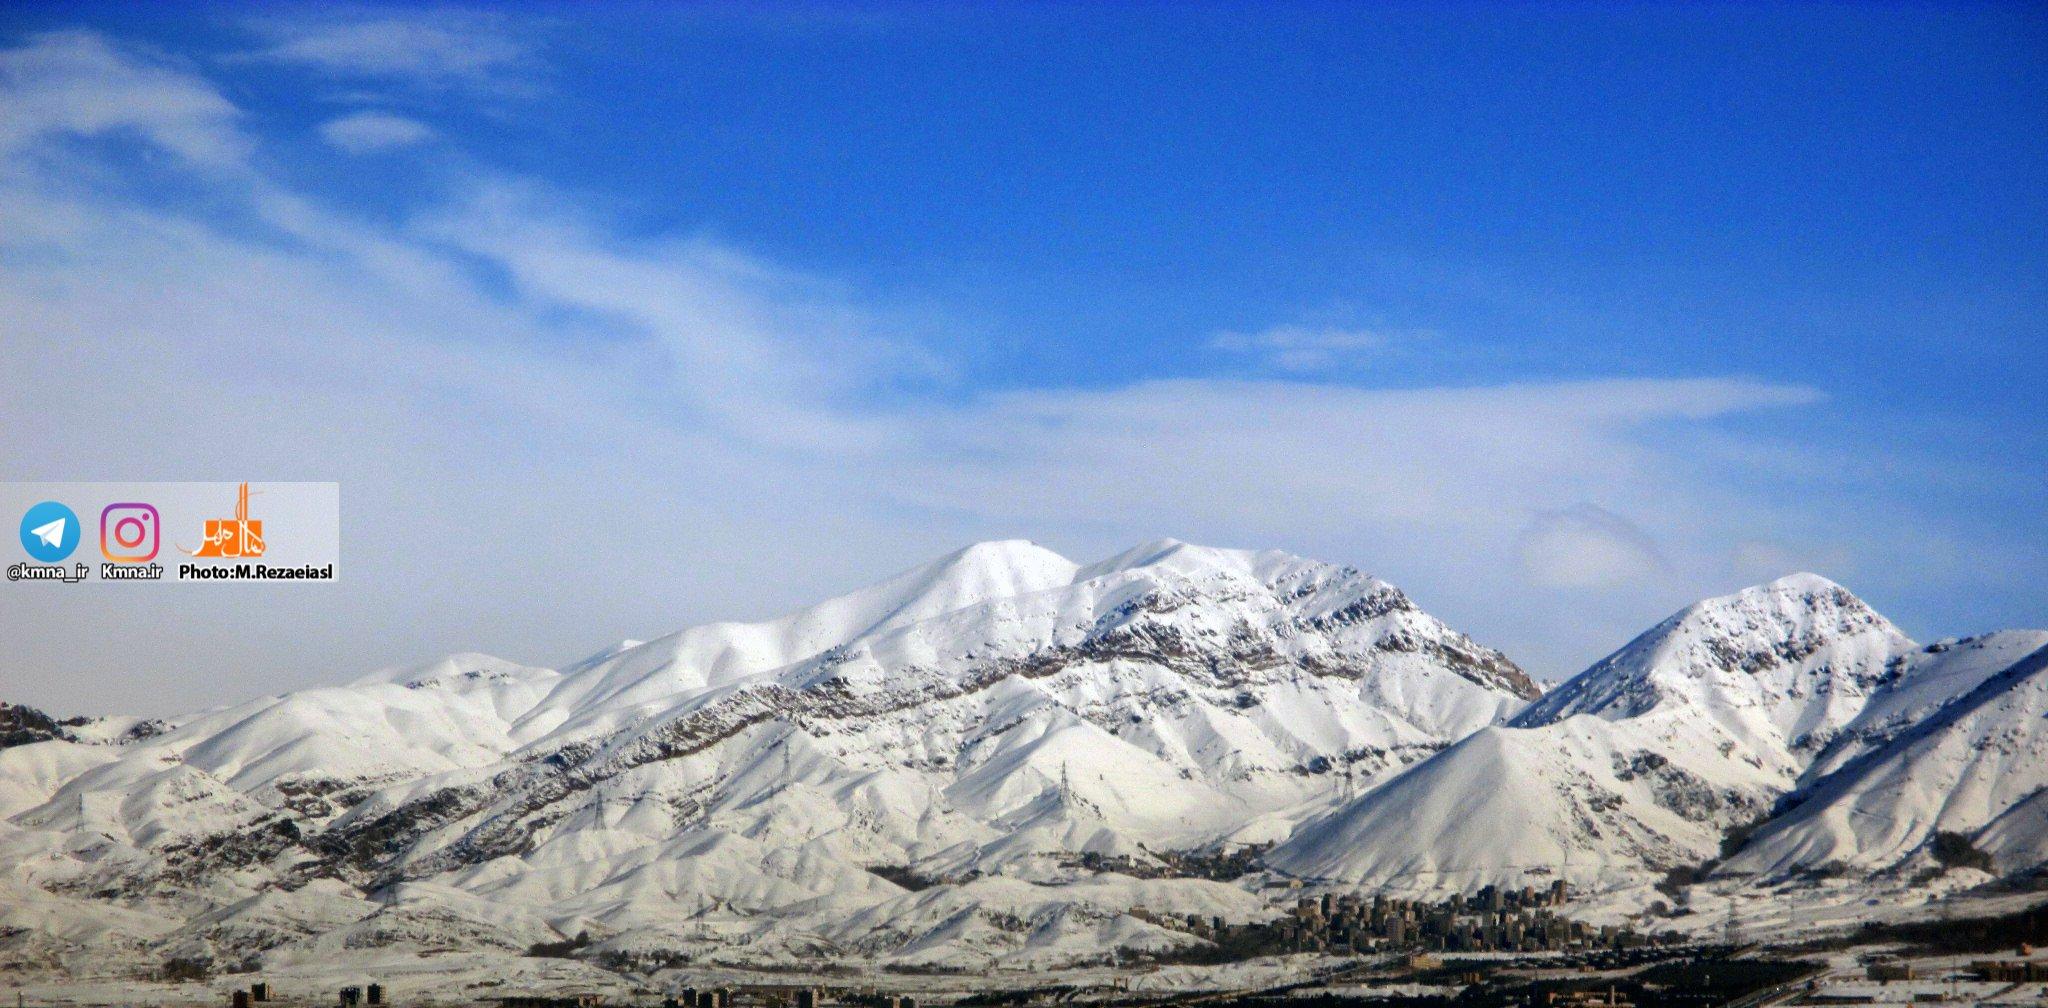 تصاویر/آسمان البرز پس از یک شب برفی، نفسی تازه کرد